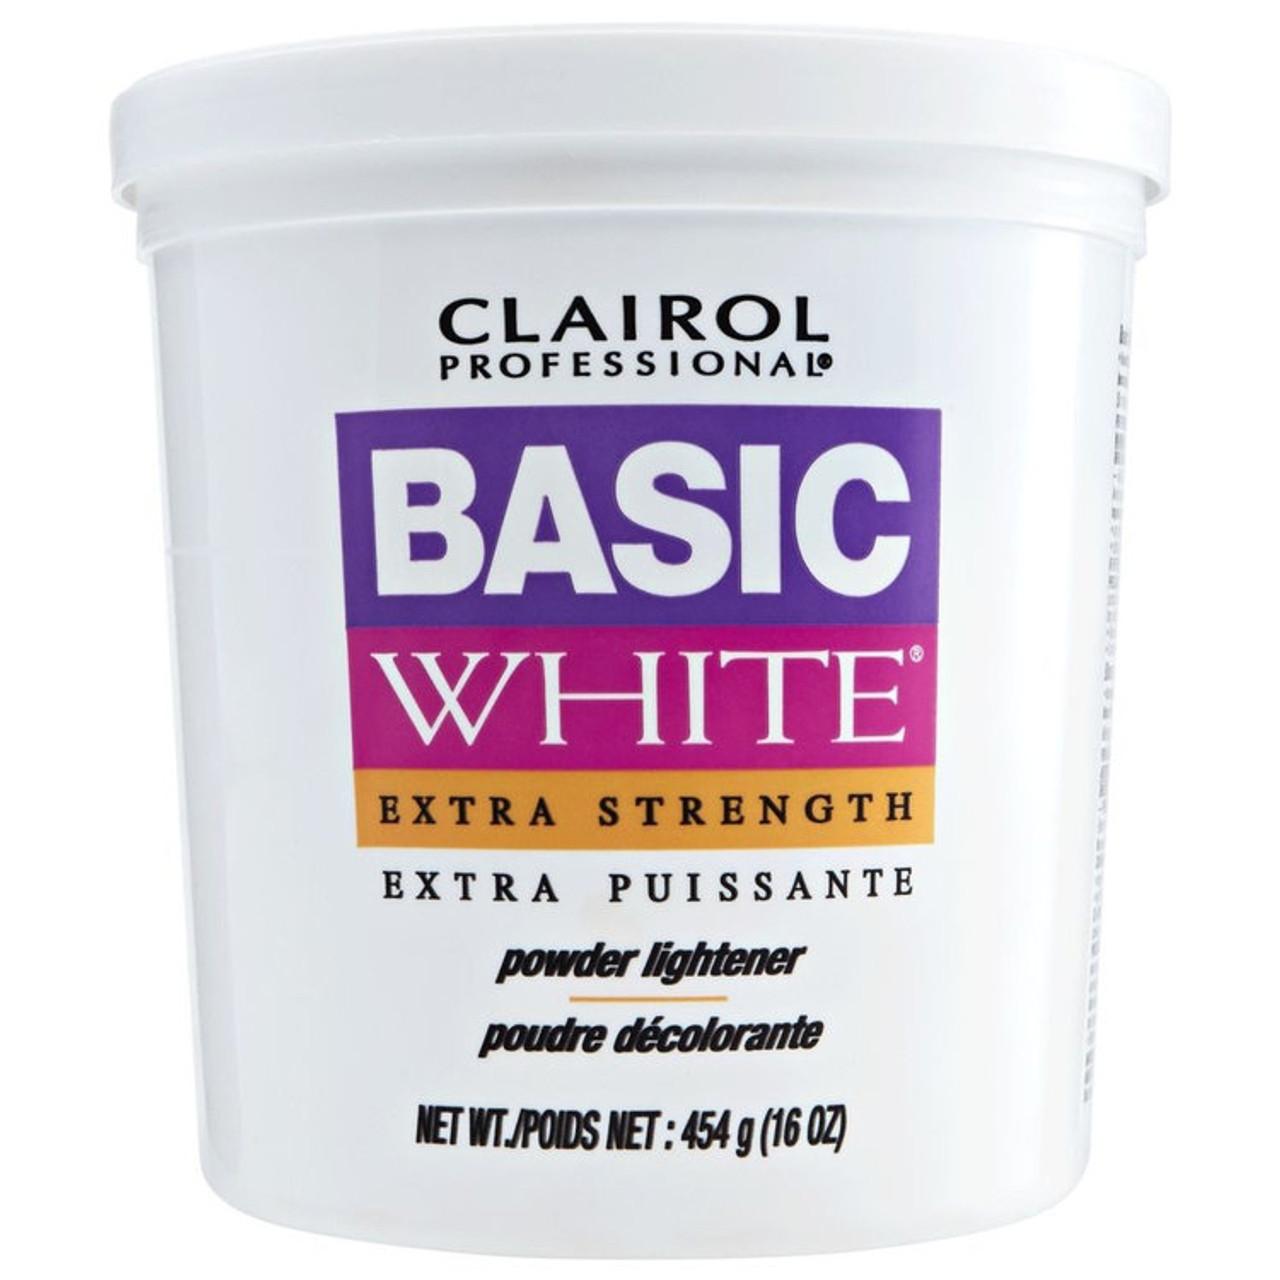 Clairol Basic White Powder Bleach 1 lb